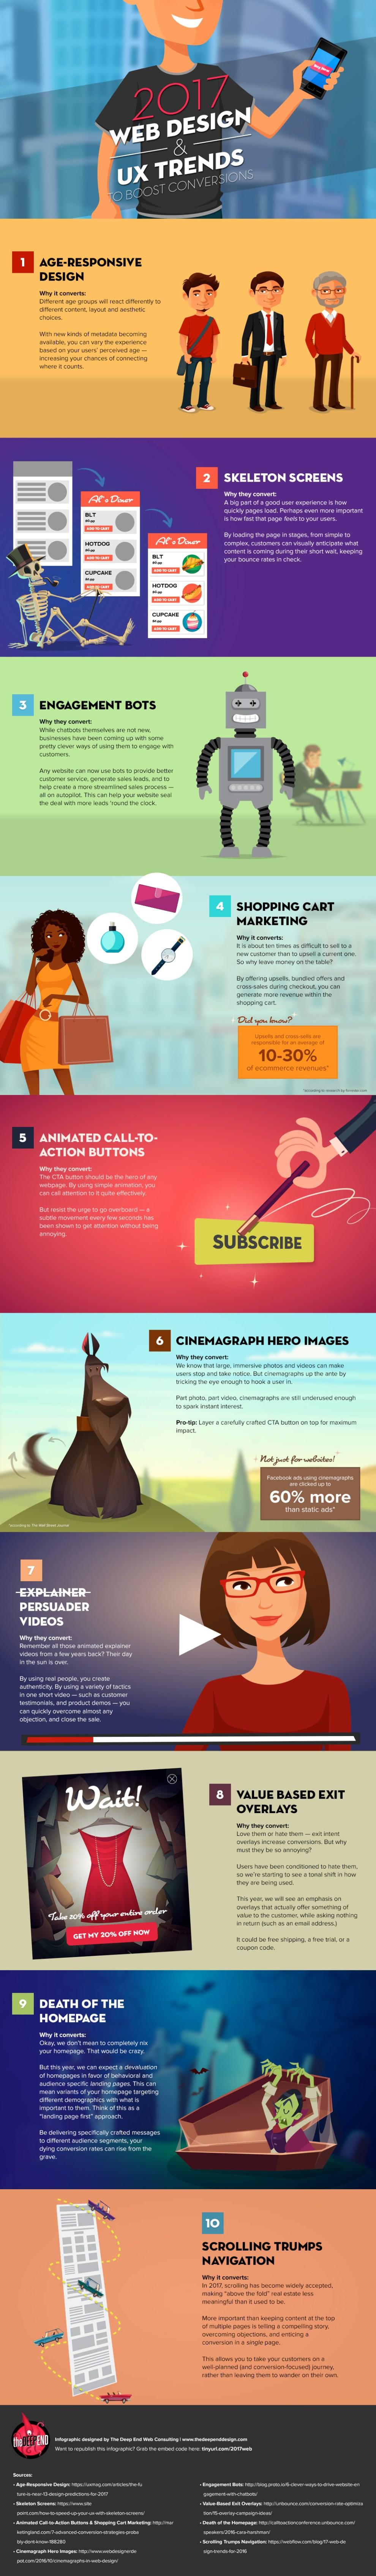 infographic-2017-website-design-ux-trends